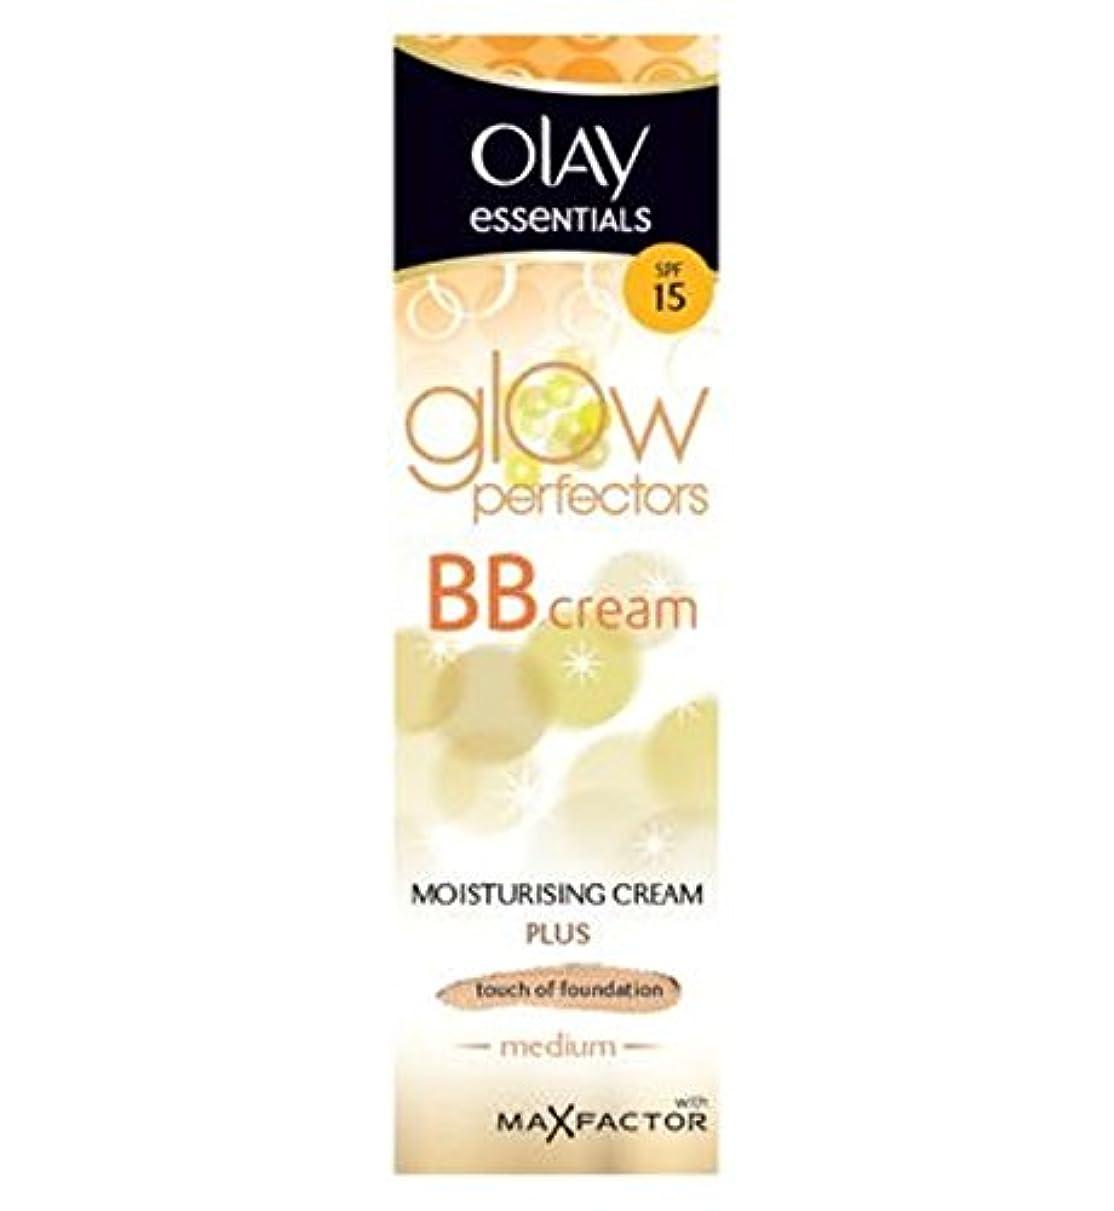 ピザインチ申請者着色保湿50ミリリットルを完成オーレイ完全なBbクリームSpf15スキン - 中 (Olay) (x2) - Olay Complete BB Cream SPF15 Skin Perfecting Tinted Moisturiser 50ml - Medium (Pack of 2) [並行輸入品]